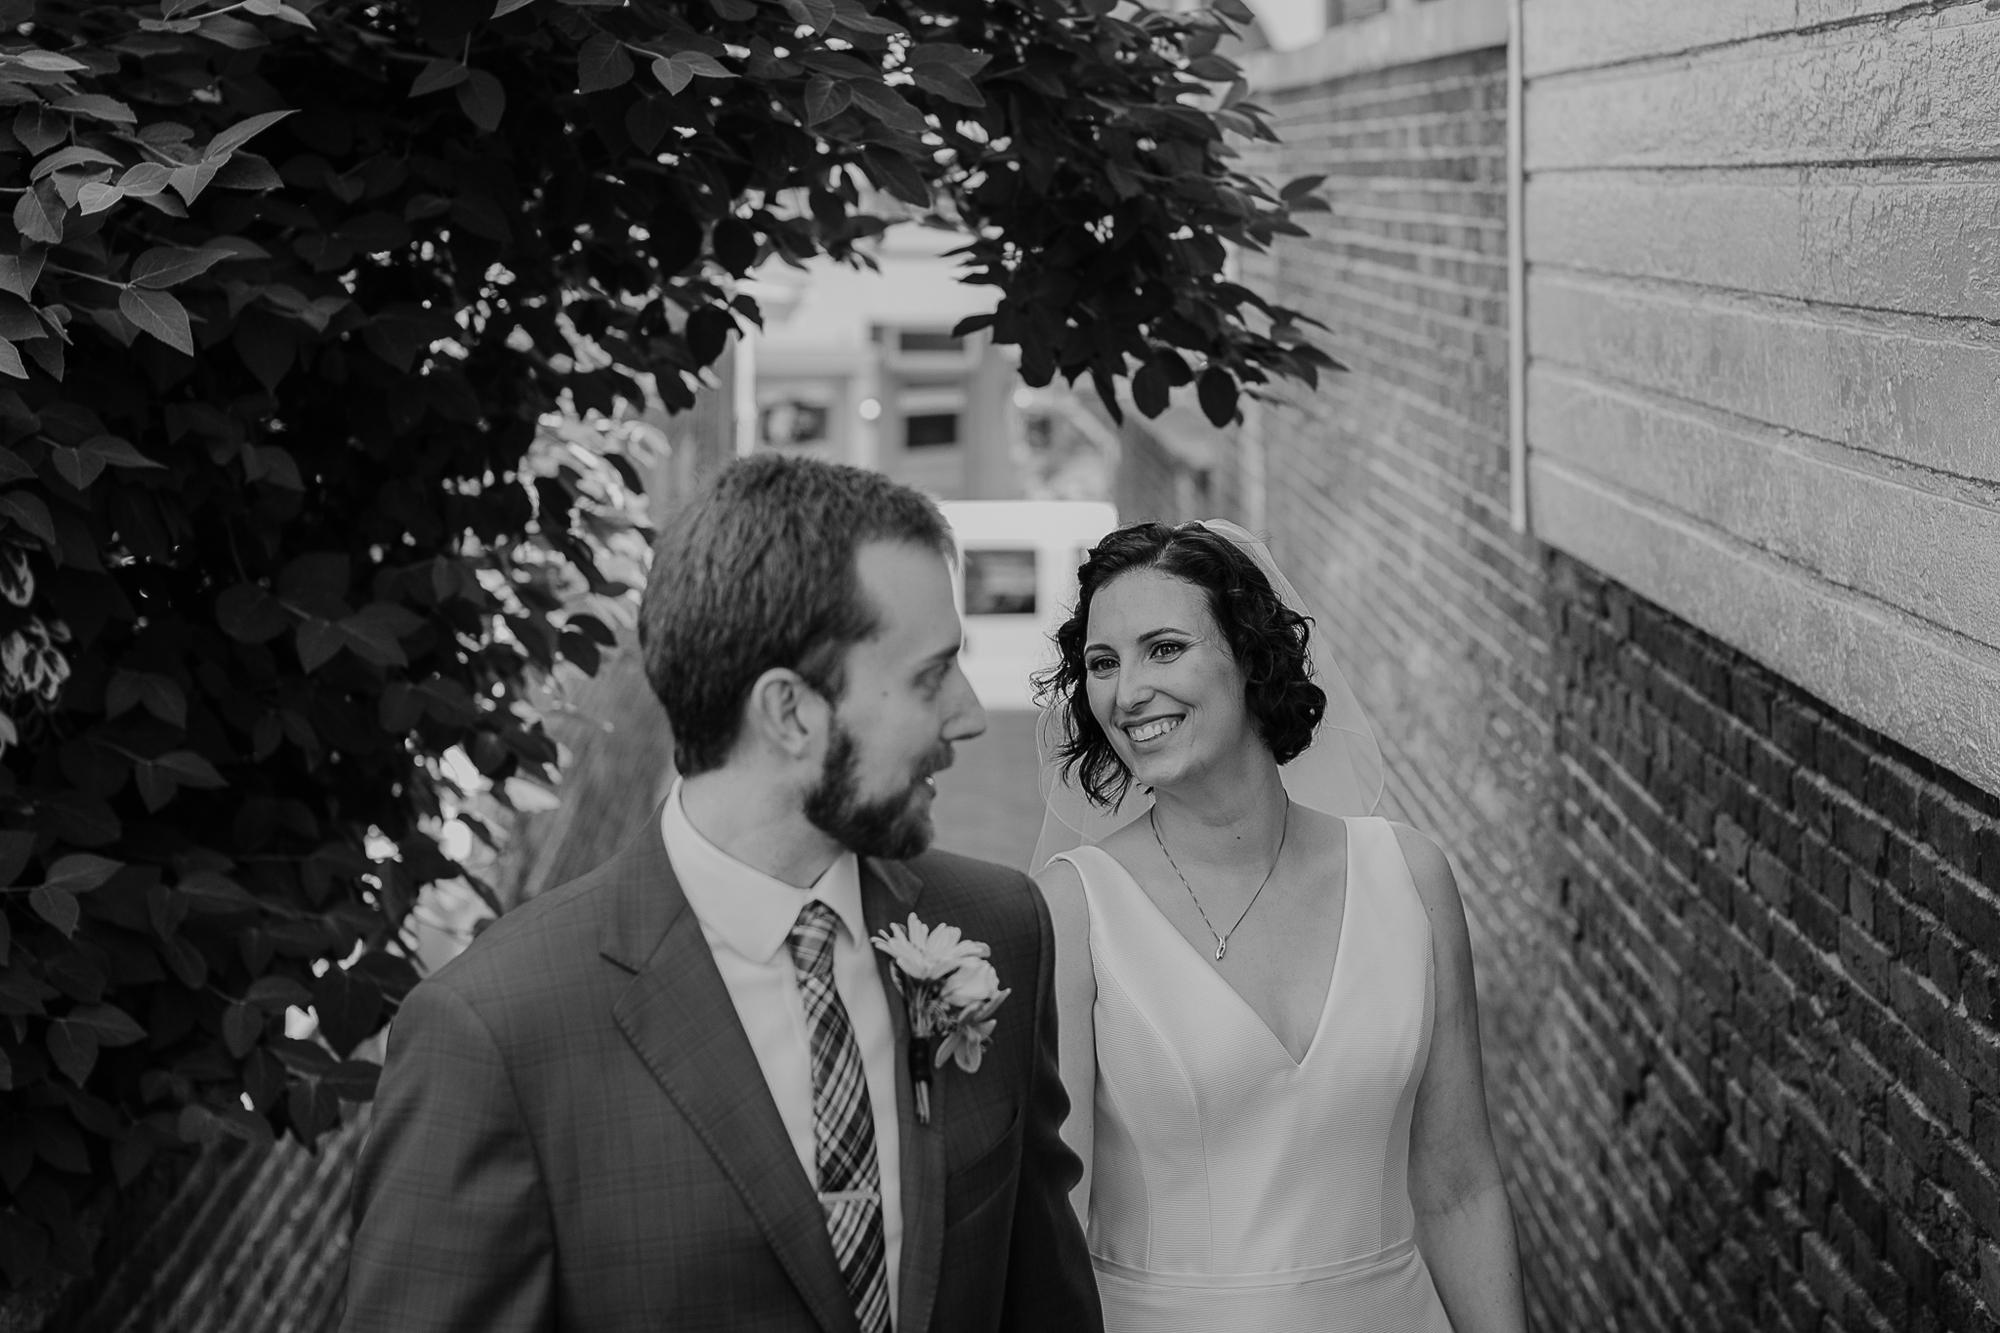 066-annapolis_courthouse_wedding.jpg